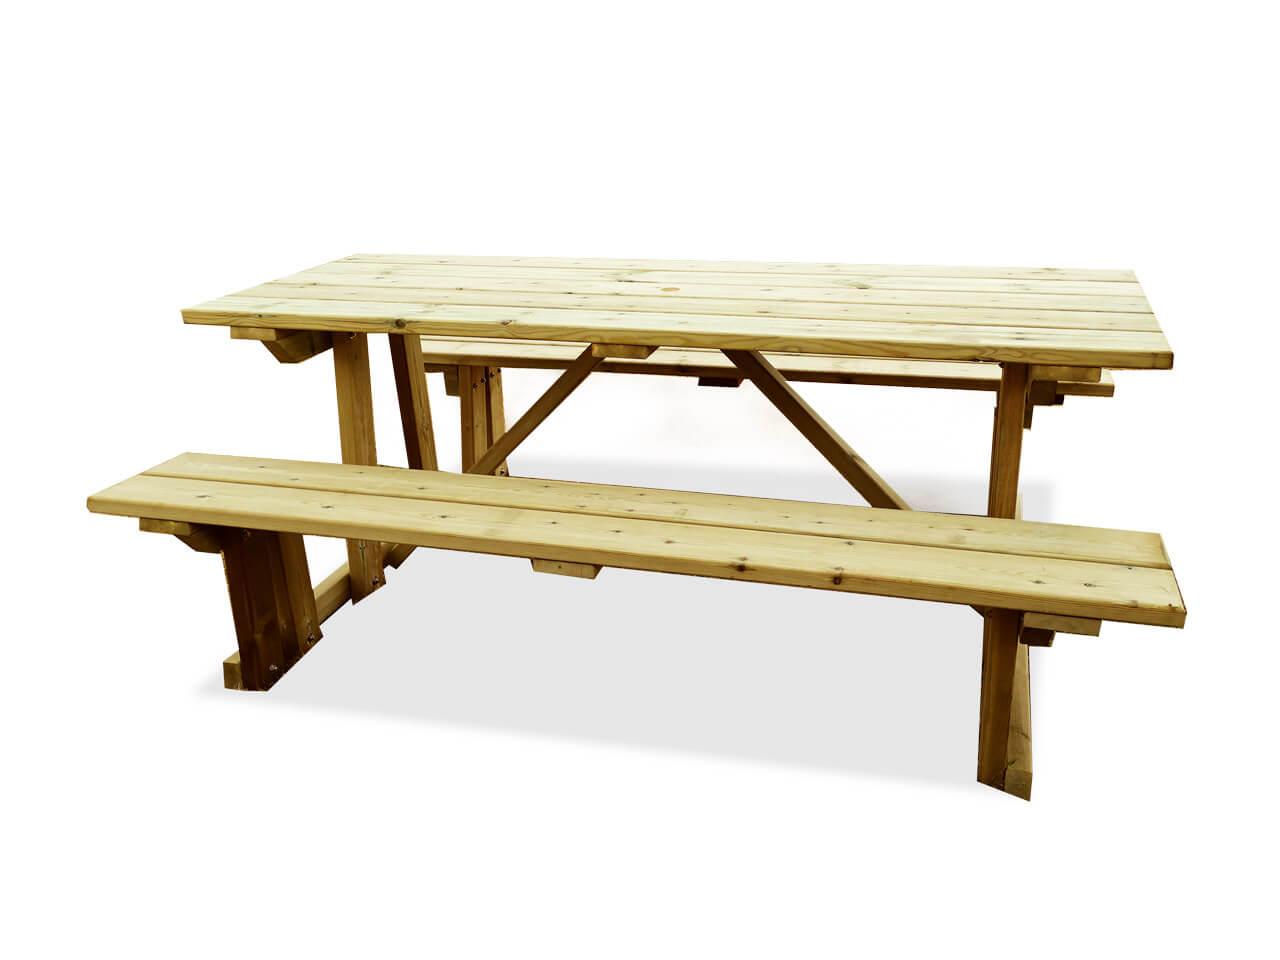 Parmi les accessoires de votre terrasse, il y a la table bocage